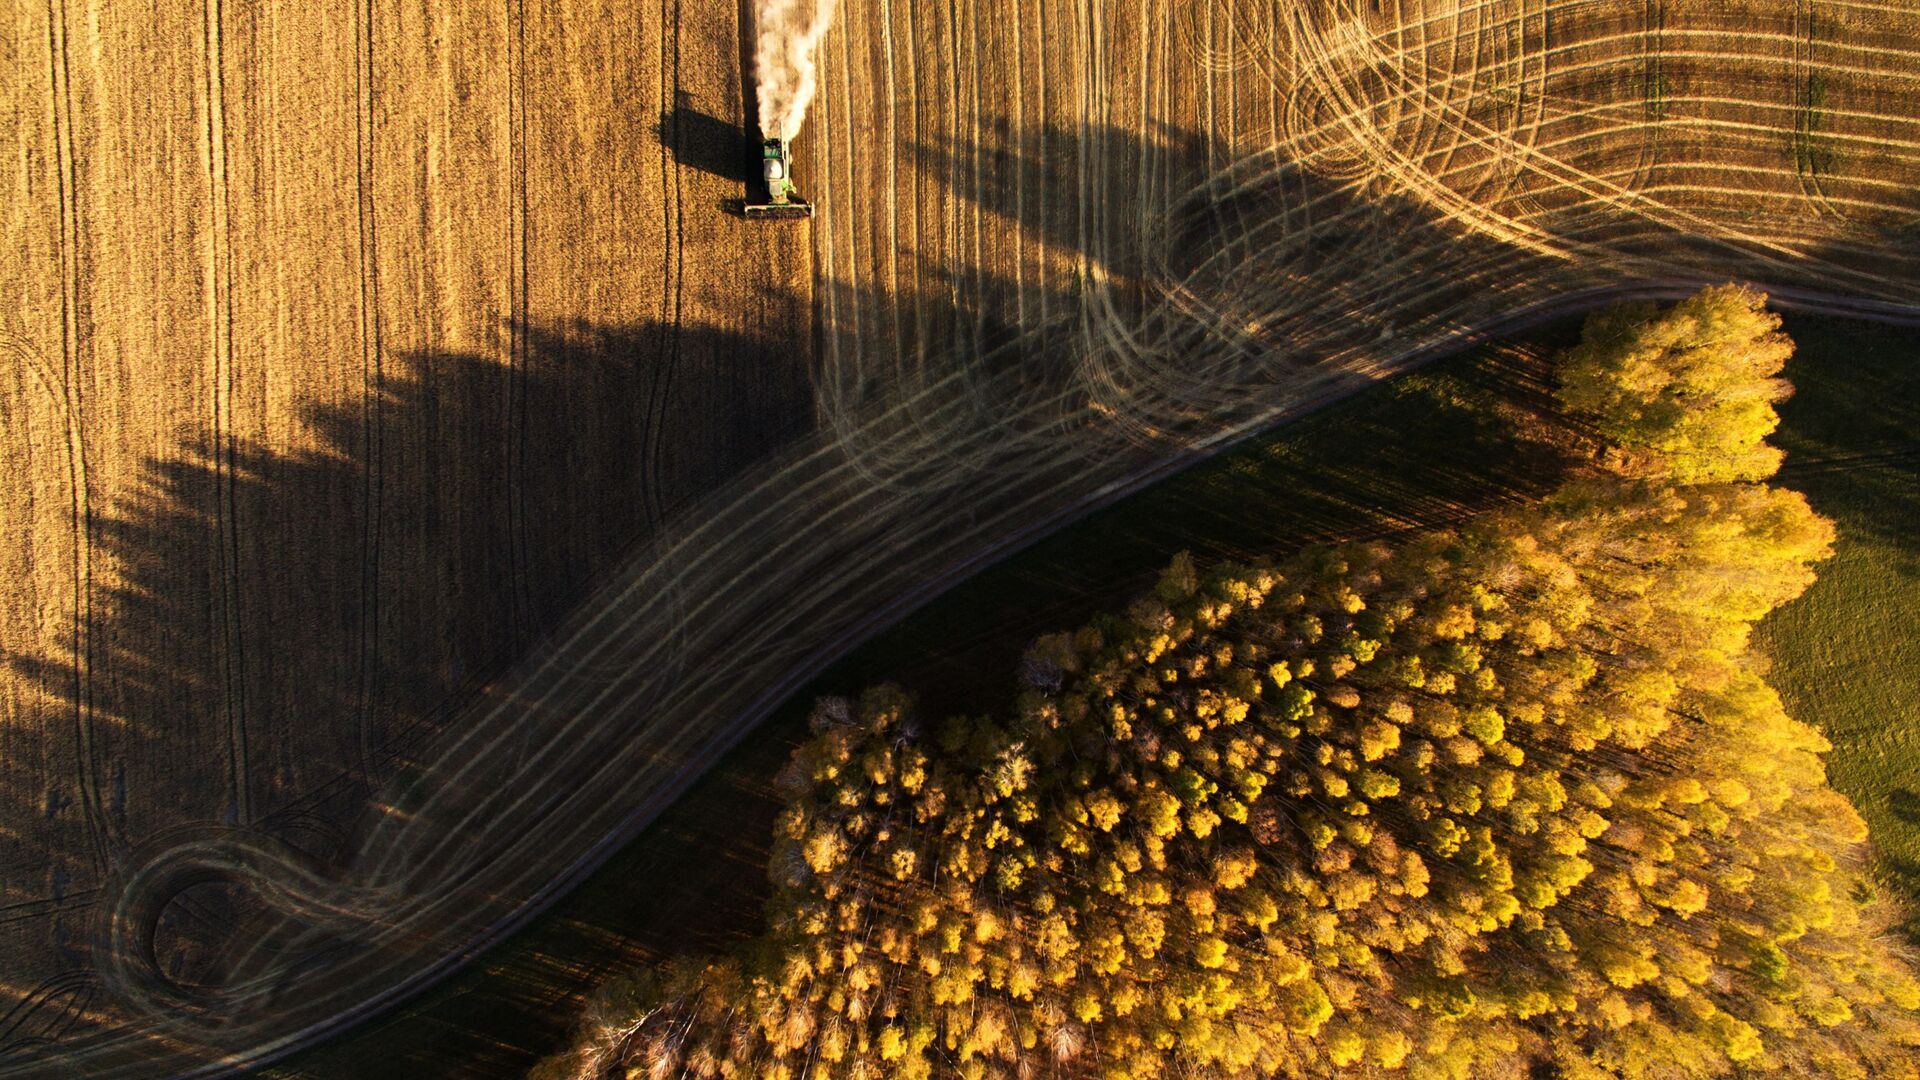 Уборка урожая зерновых в Новосибирской области - Sputnik Узбекистан, 1920, 02.10.2021